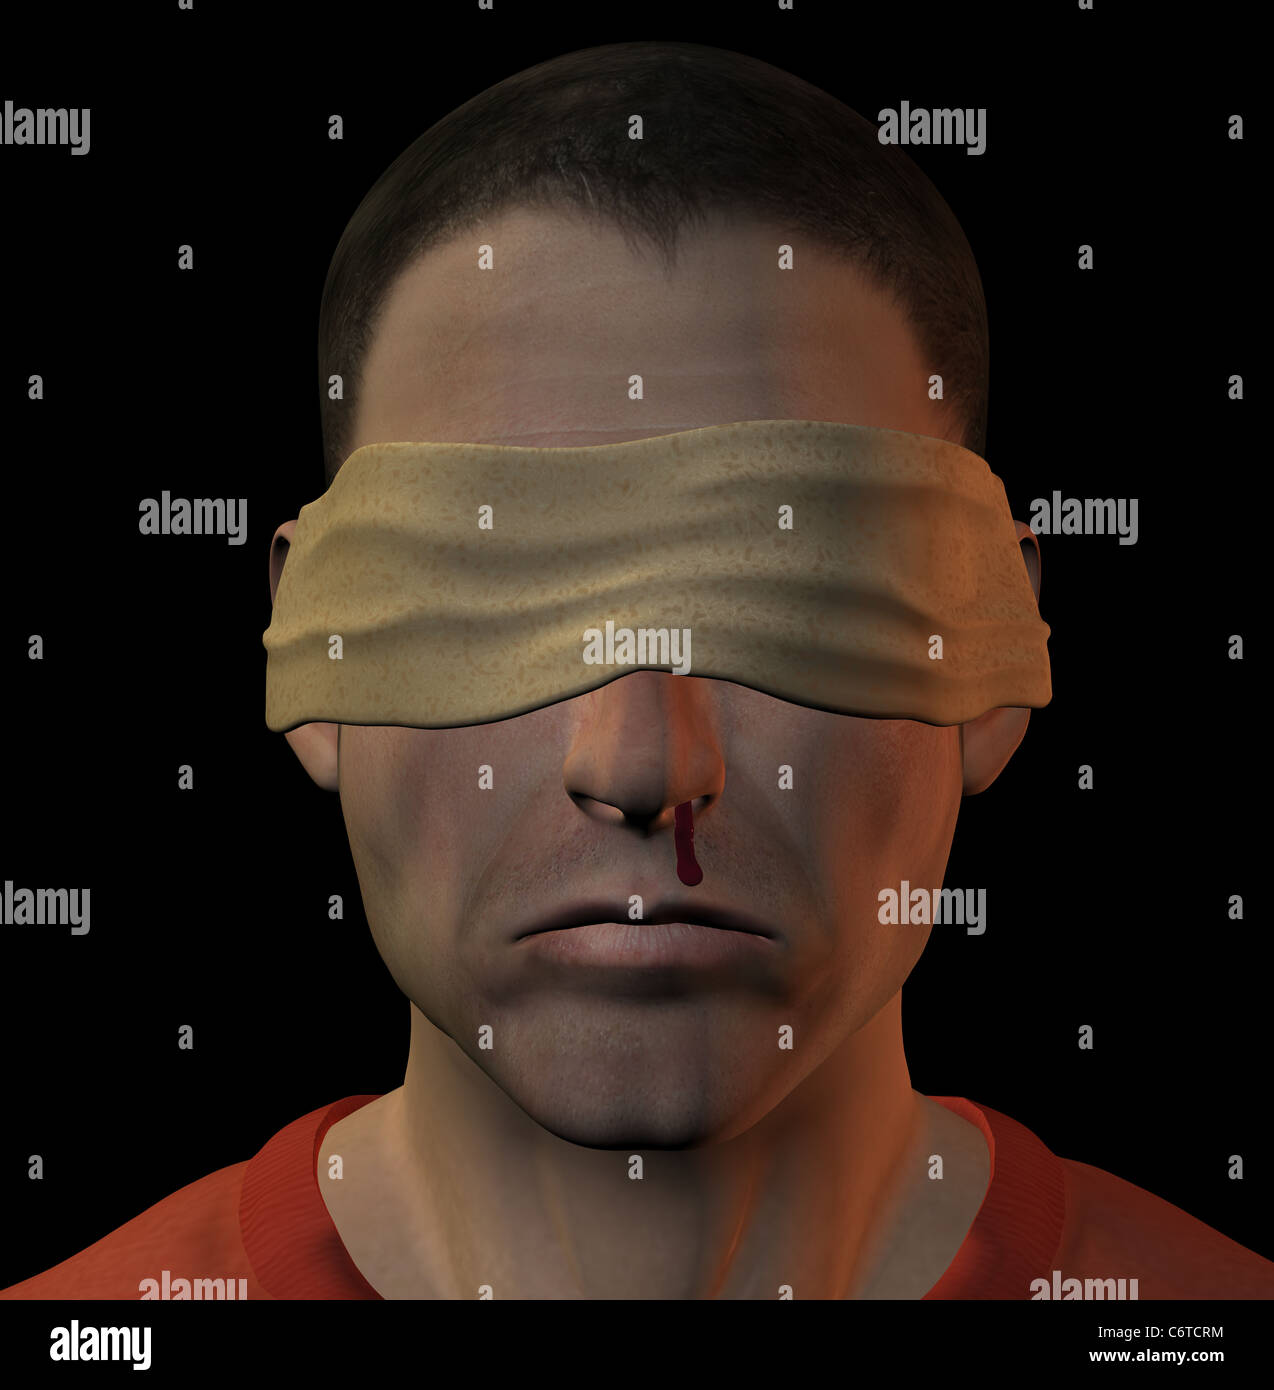 Tortured blindfolded man with bleeding nose. 3d illustration. - Stock Image